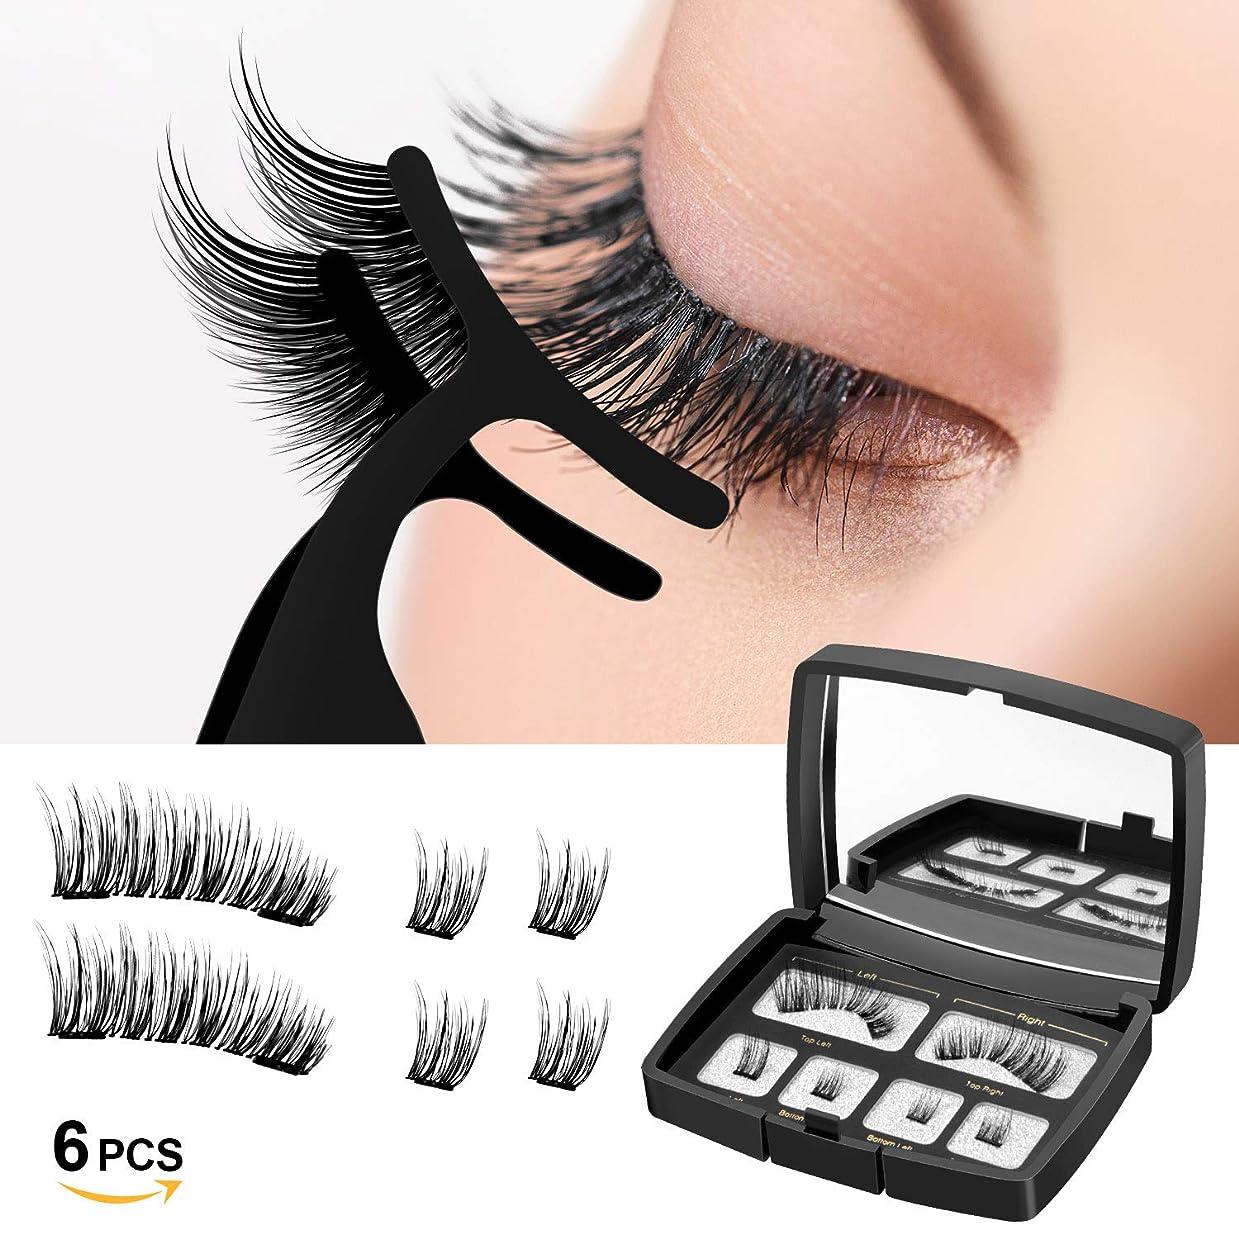 9ac8ec11c02 Magnetic Eyelashes Dual Magnets Fiber Fake Eyelashes, 3D Reusable Eyelashes  Extensions, No Glue False